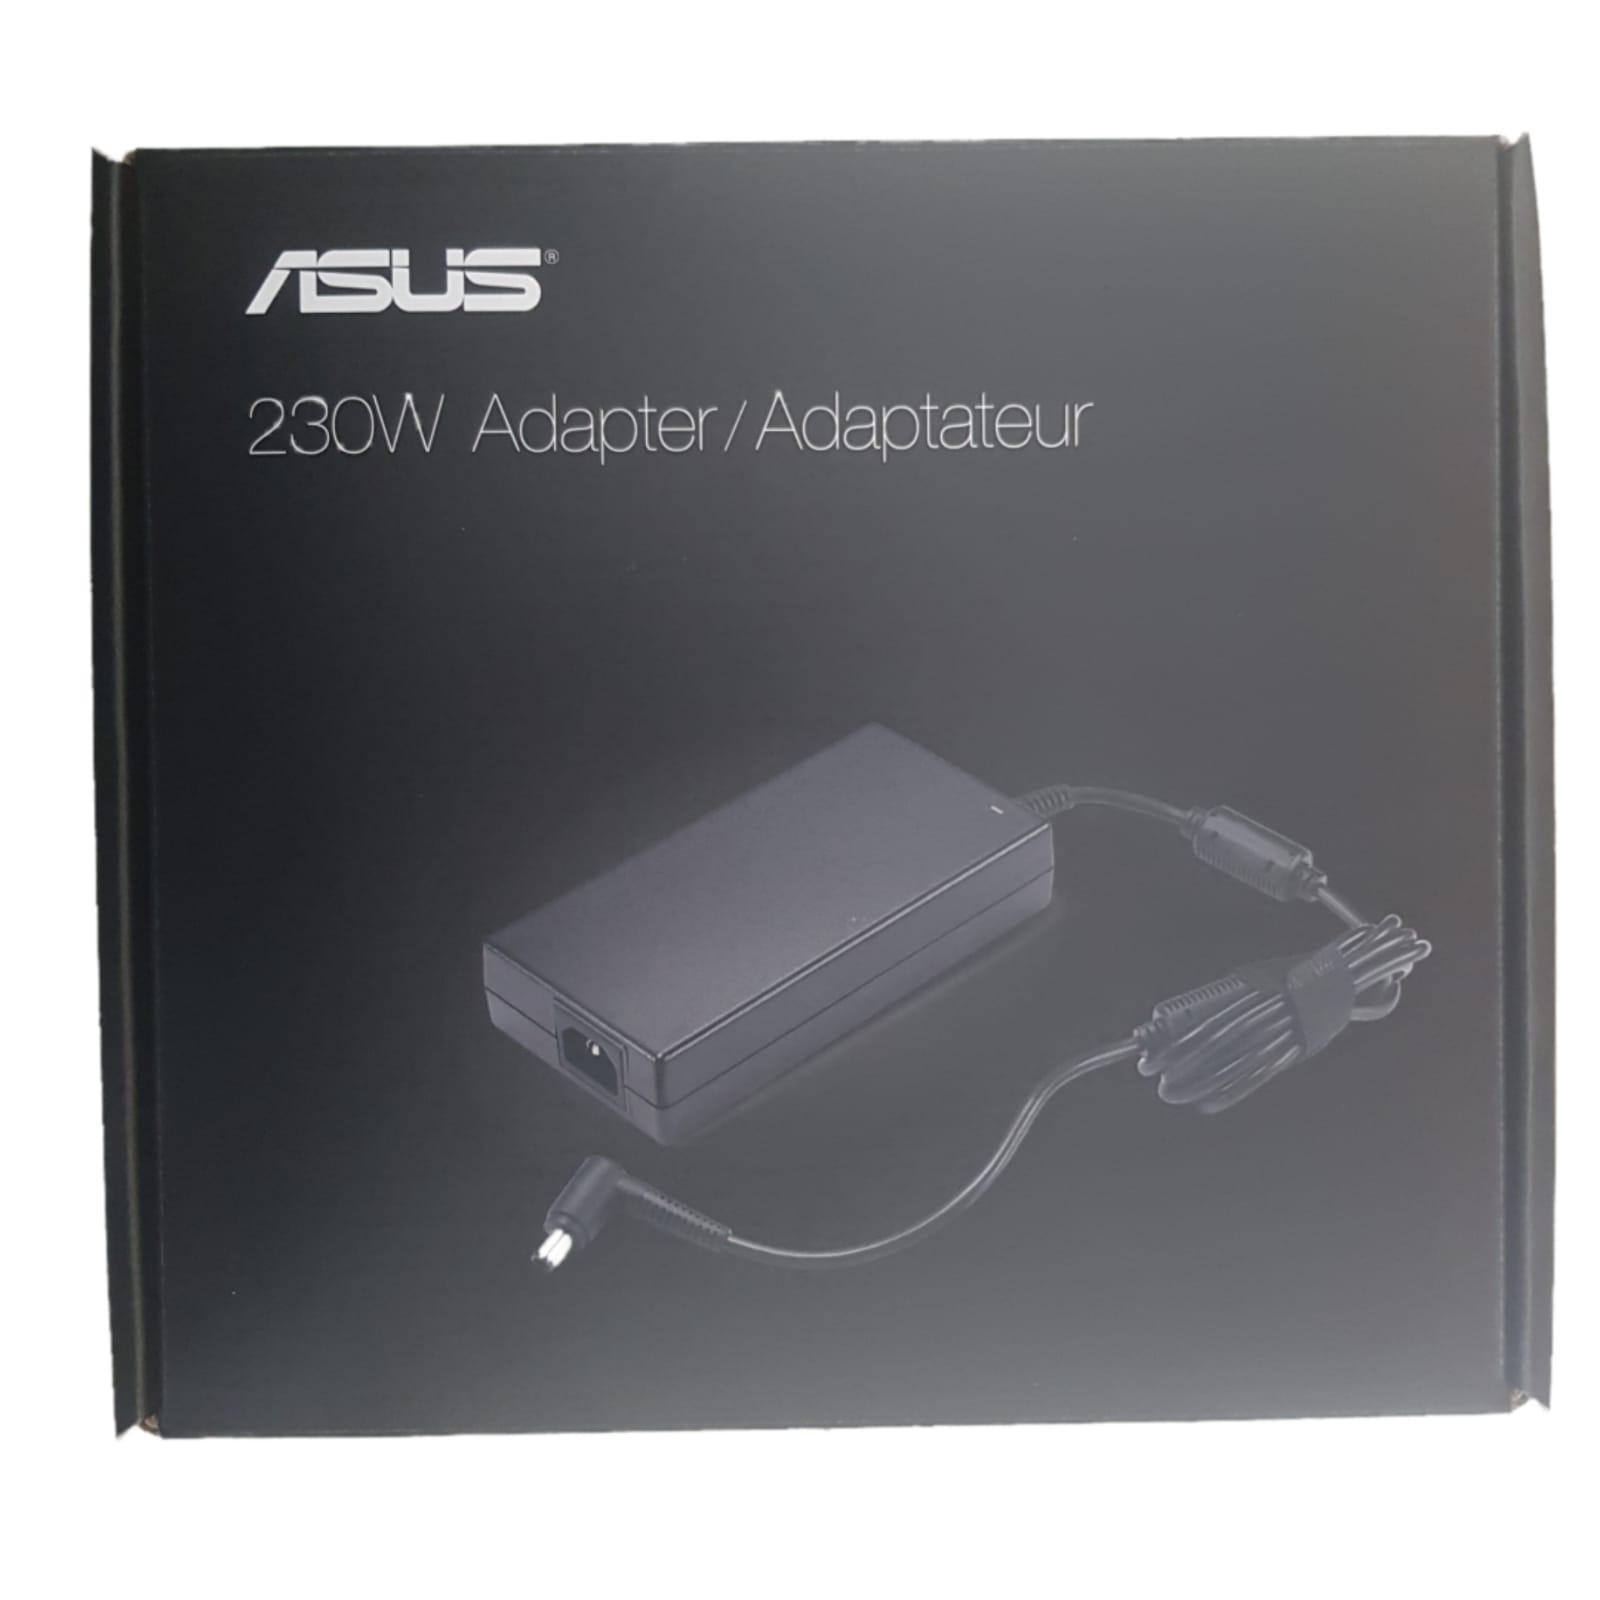 מטען למחשב אסוס Asus 19.5V - 11.8A 230W